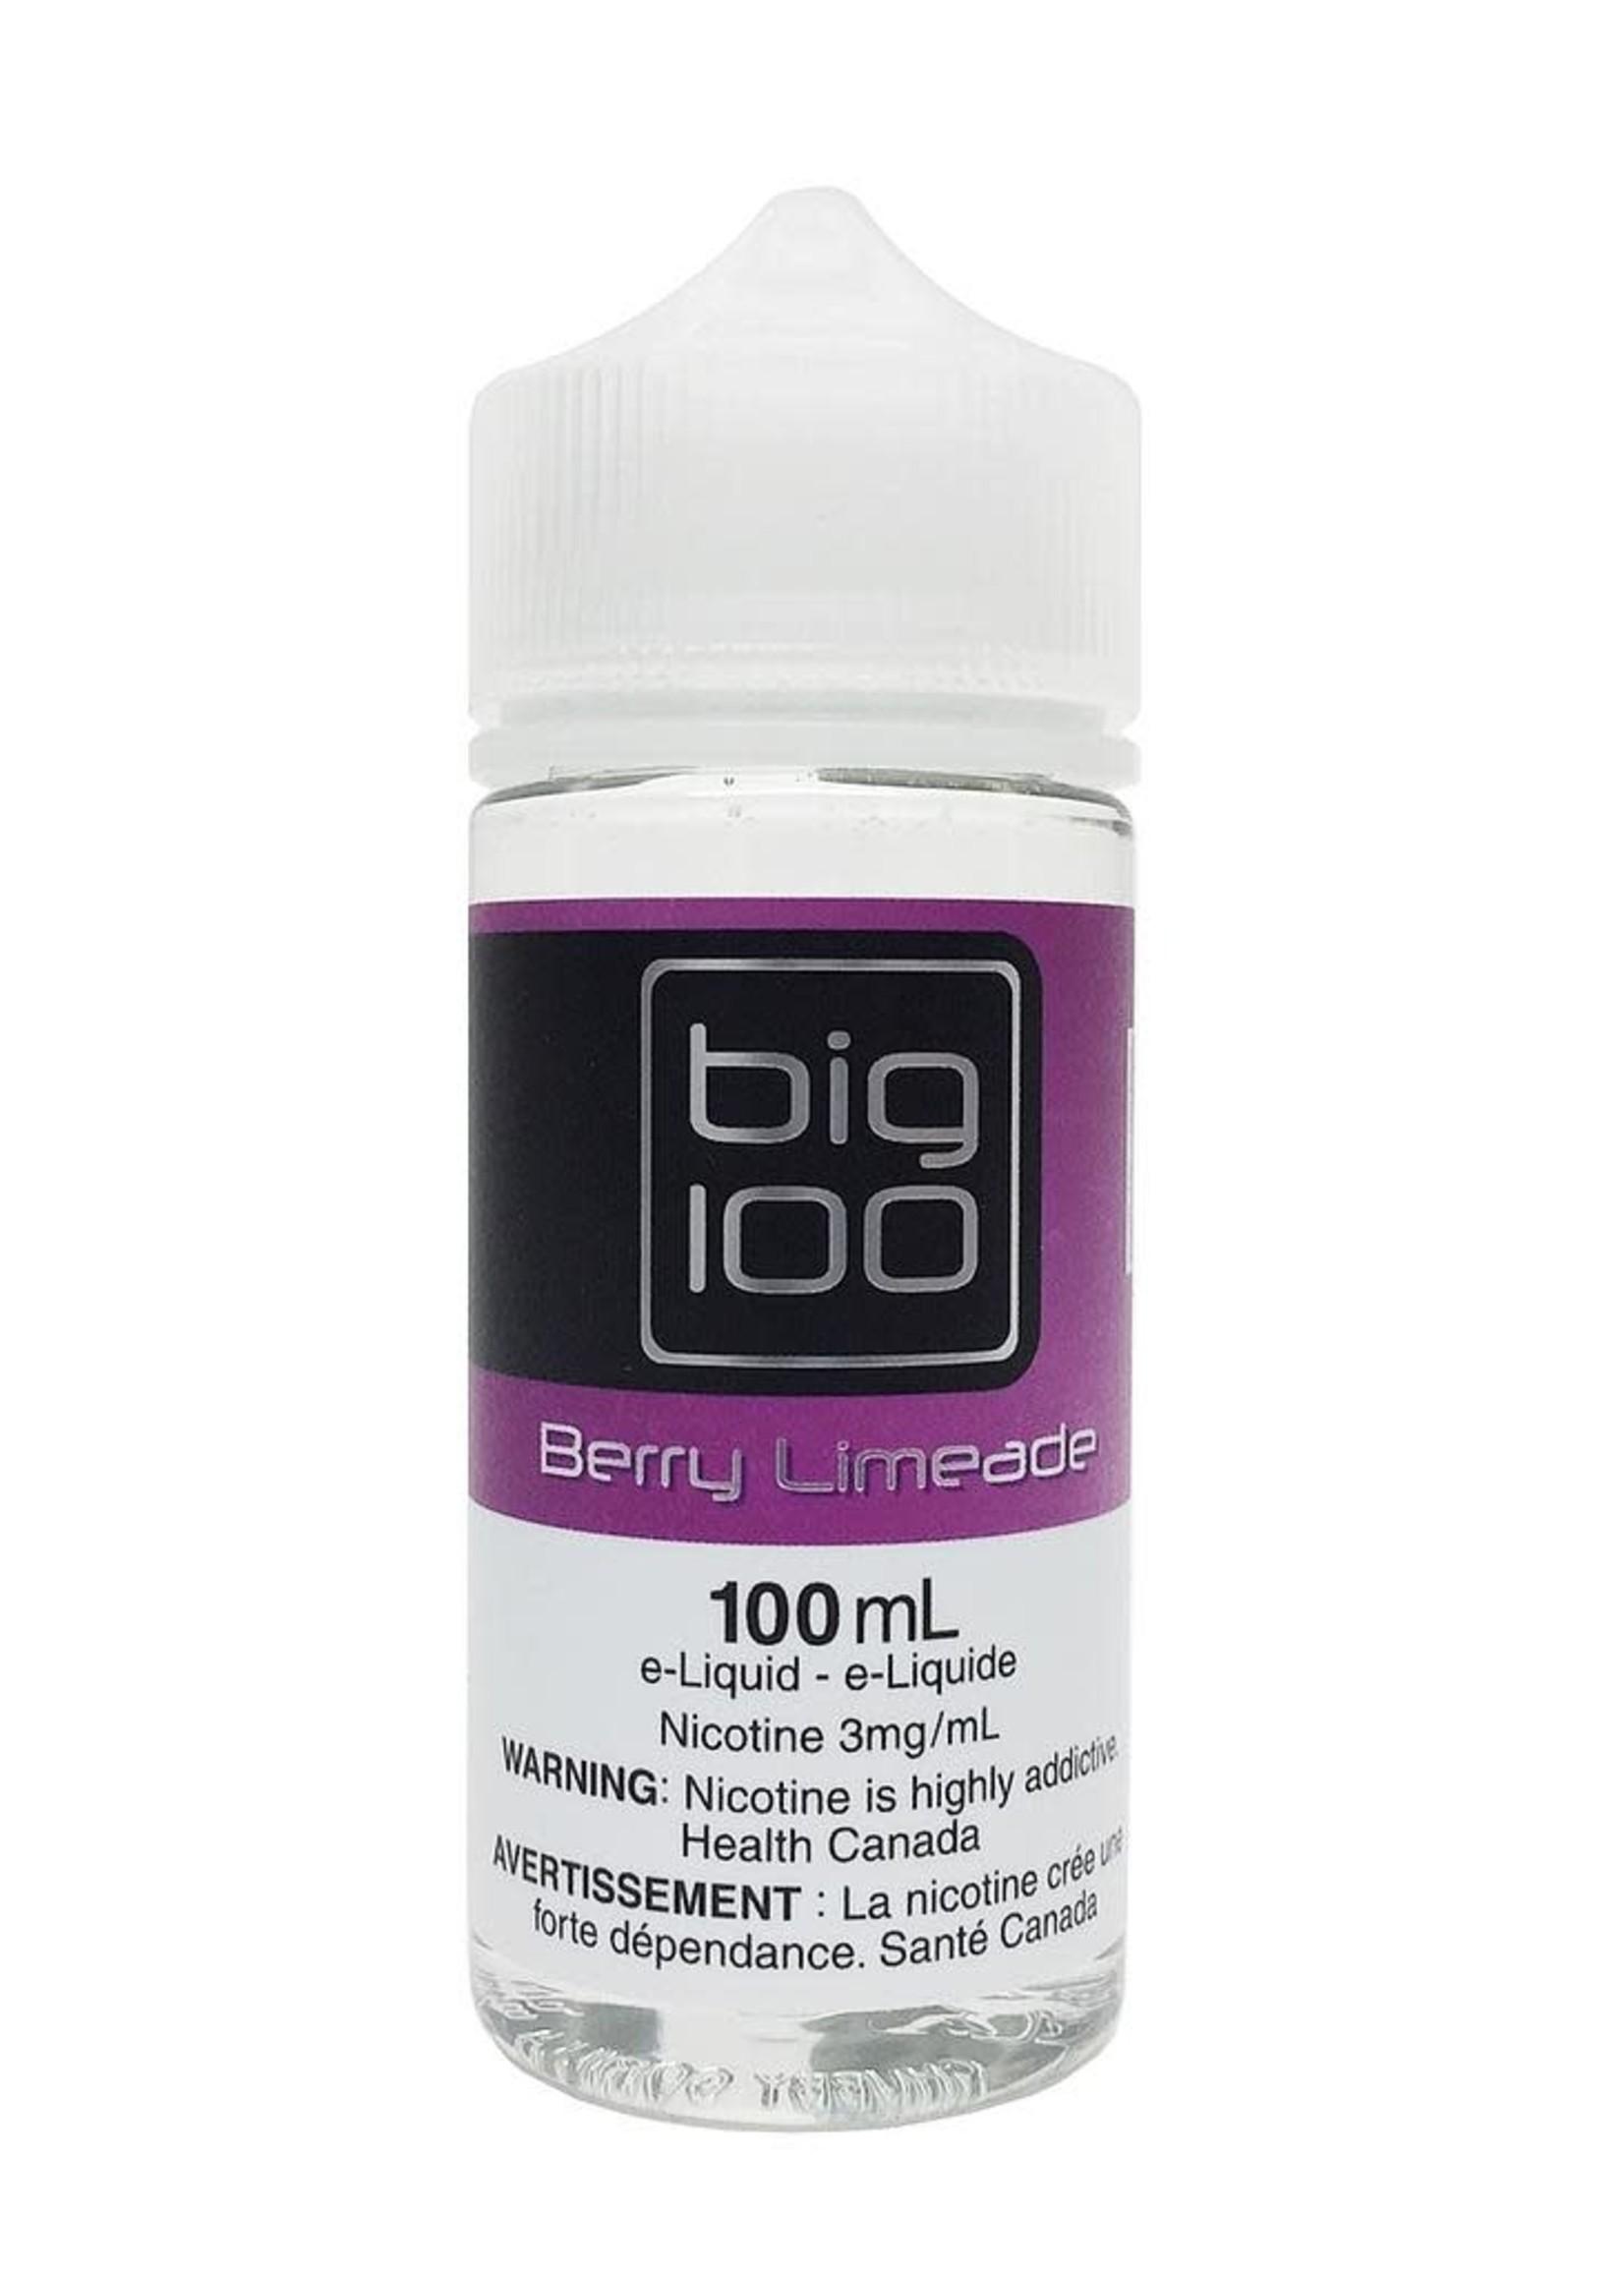 Big 100 Berry Limeade